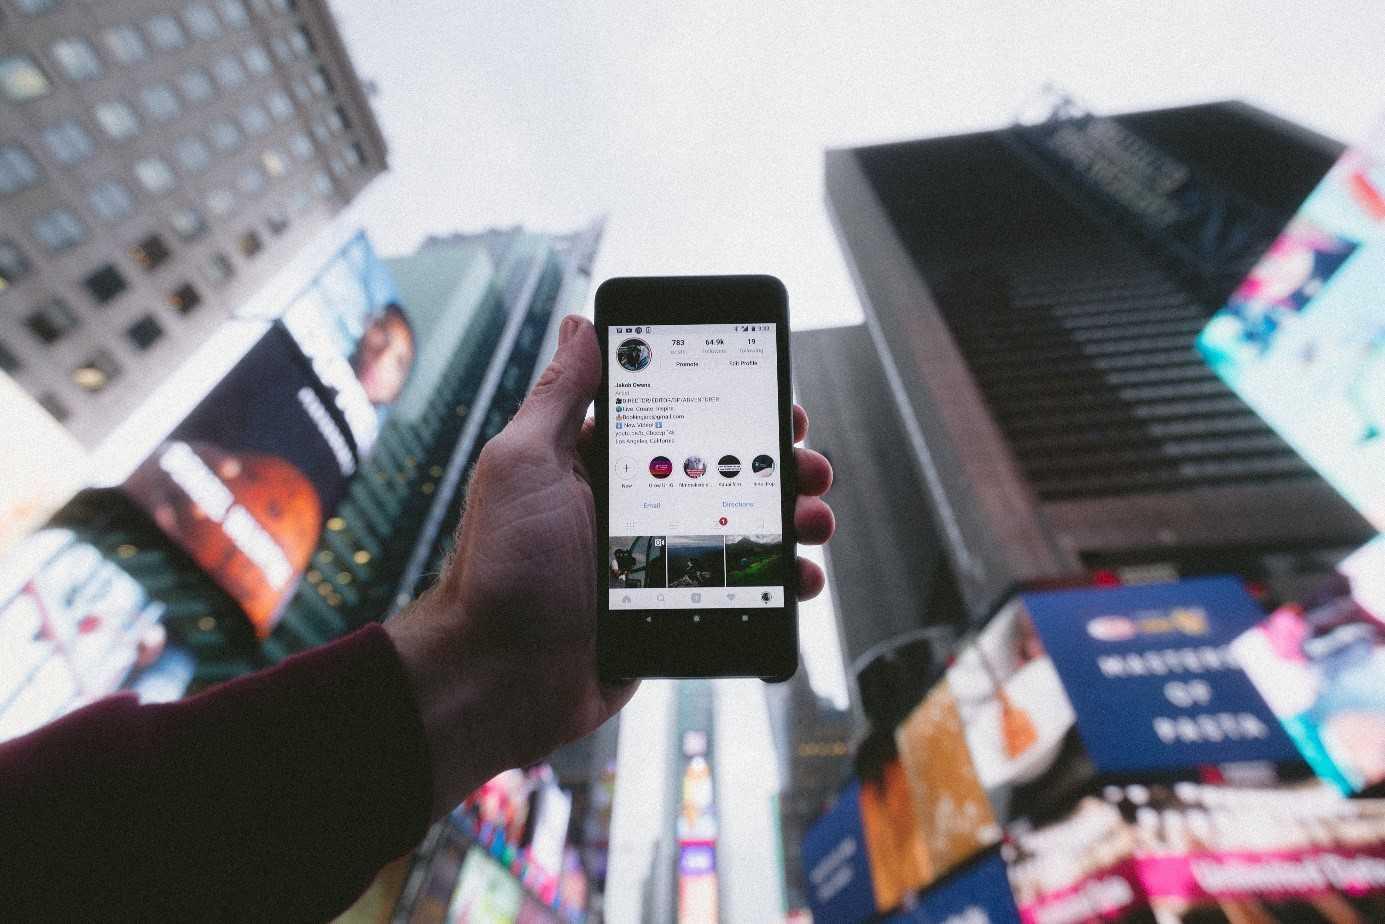 La 5G : la génération qui veut révolutionner la téléphonie